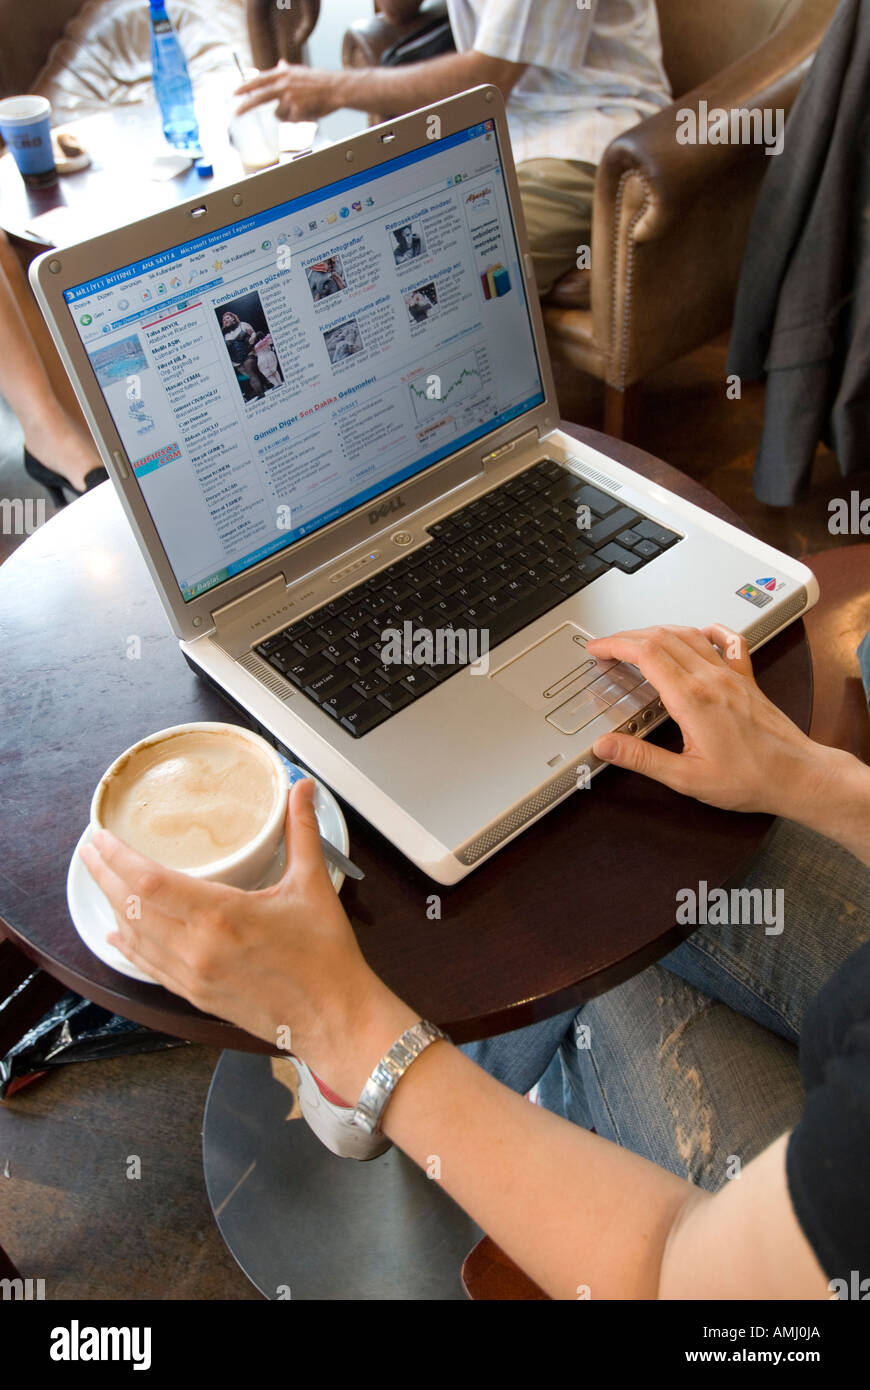 Jeune femme la navigation internet sur un ordinateur portable dans un café, England UK Photo Stock